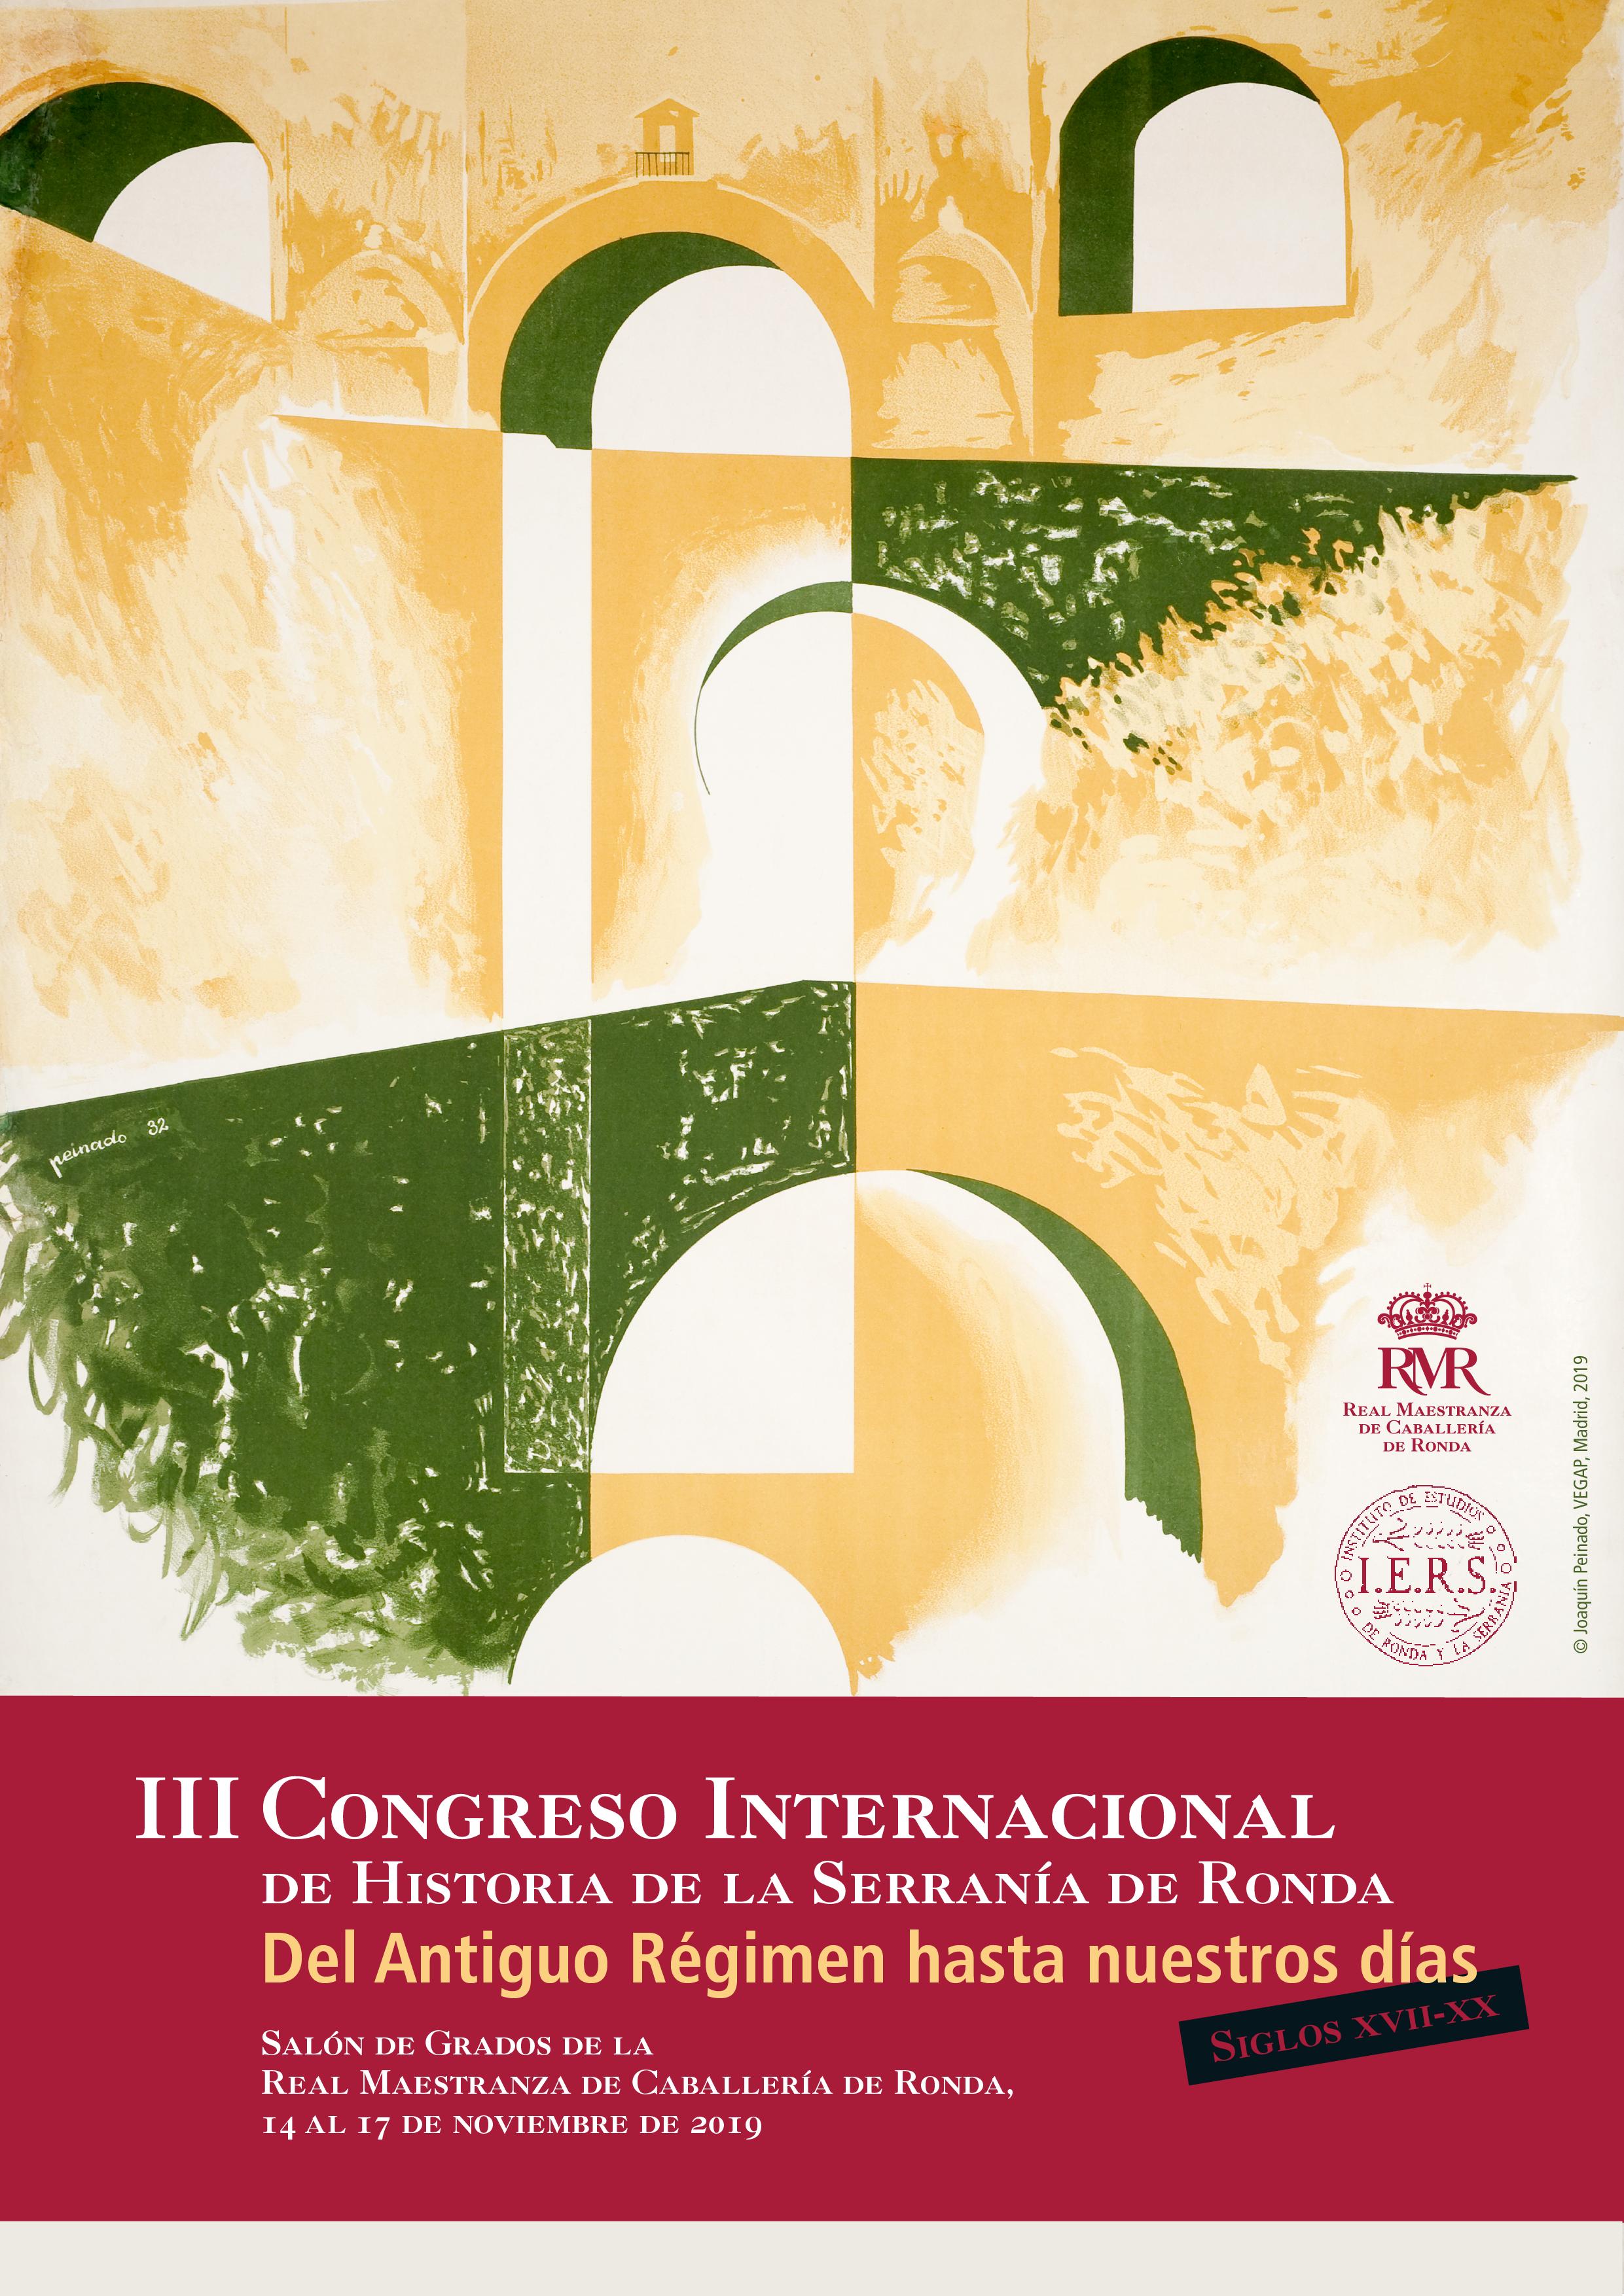 Cartel III Congreso Peinado.png